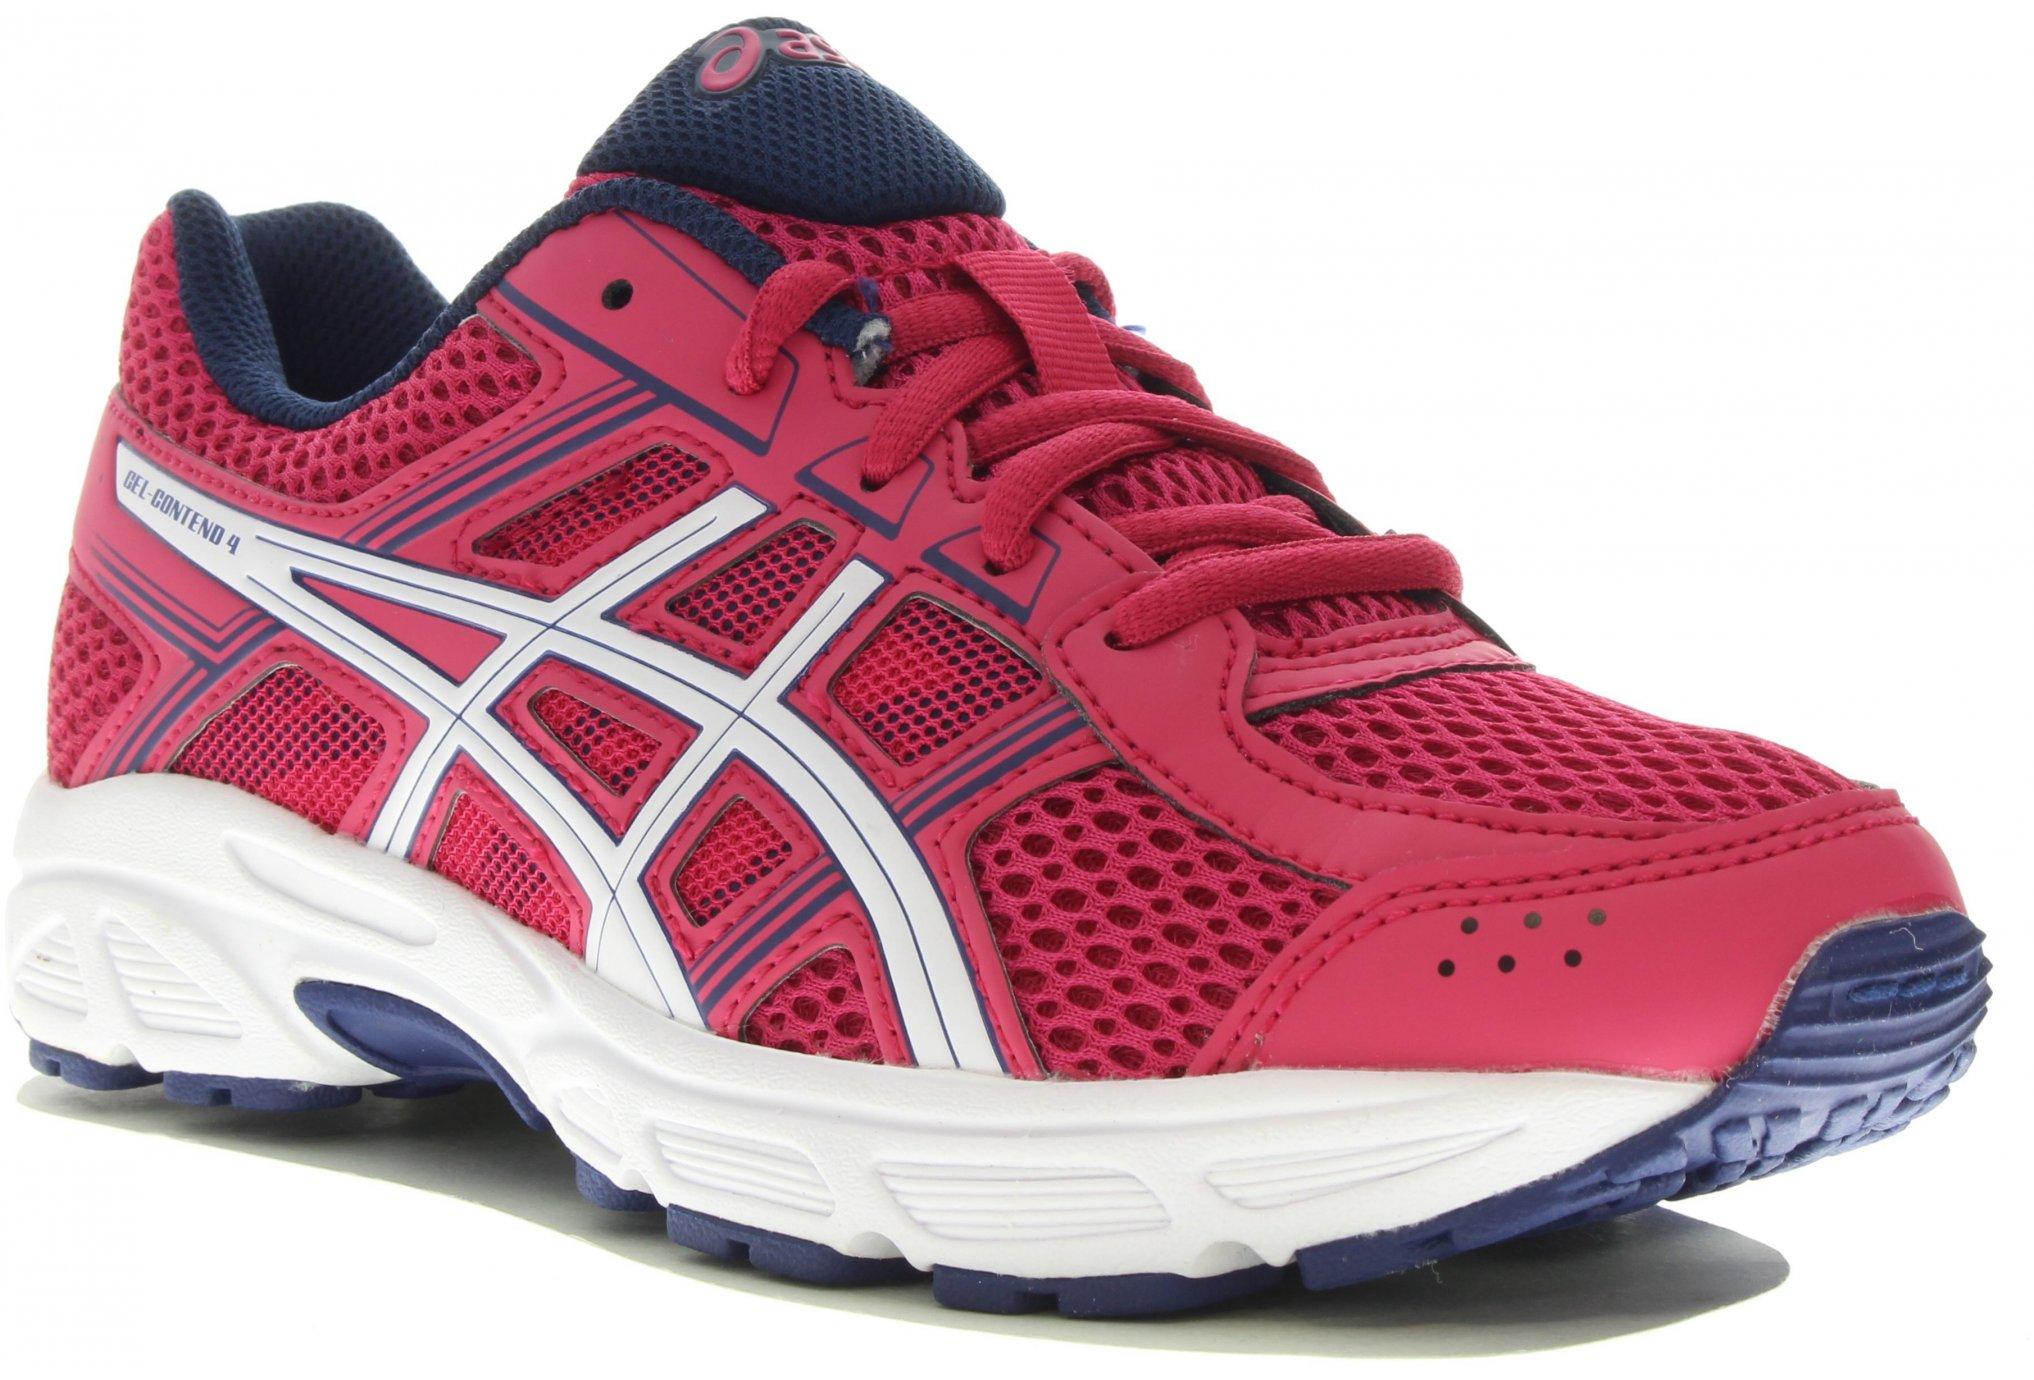 Asics Gel Contend 4 GS Chaussures running femme